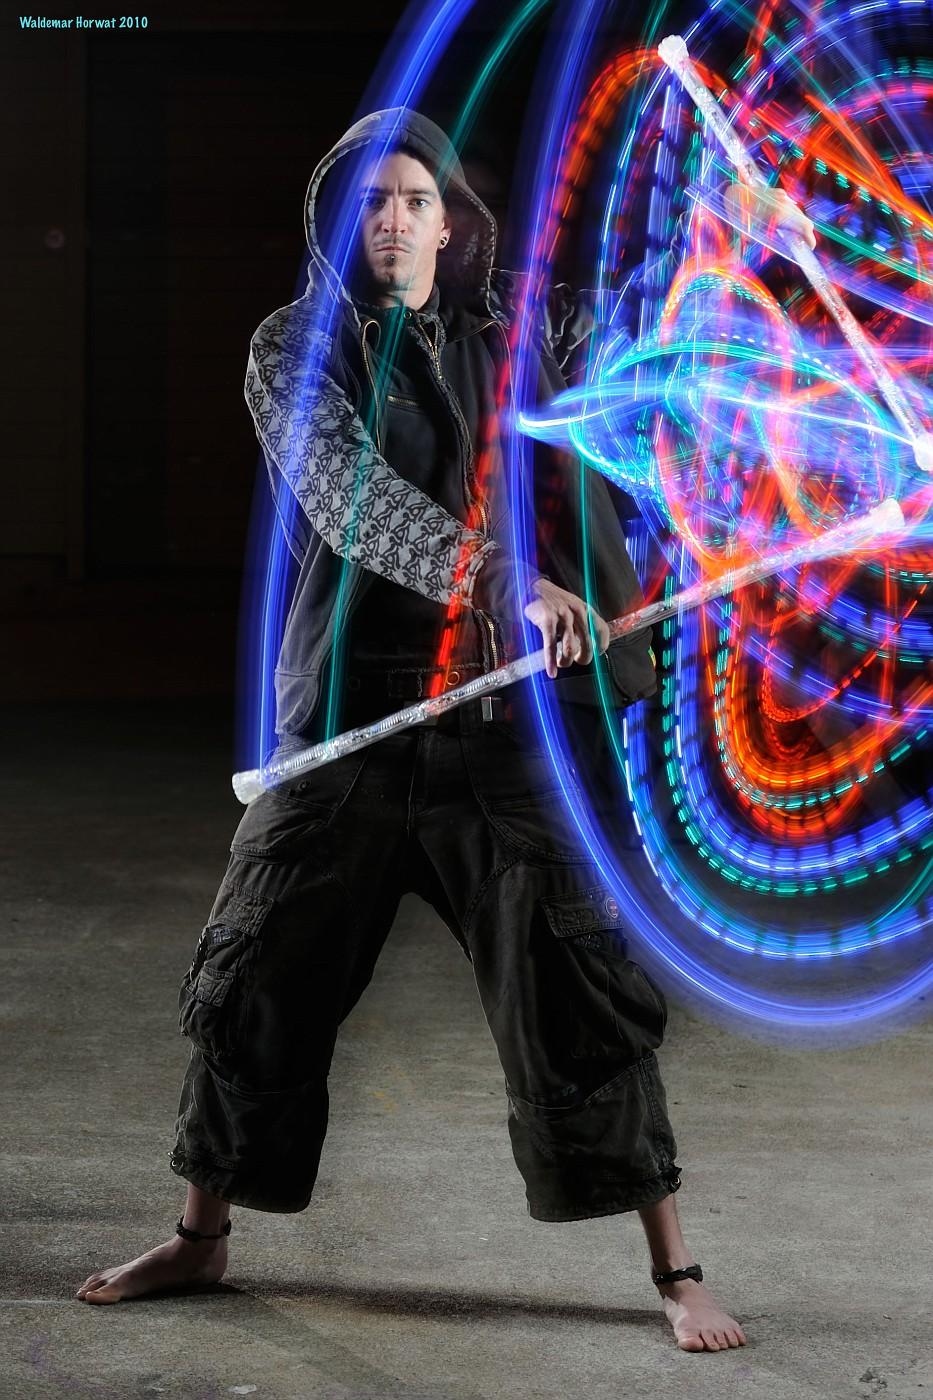 Light Weaving